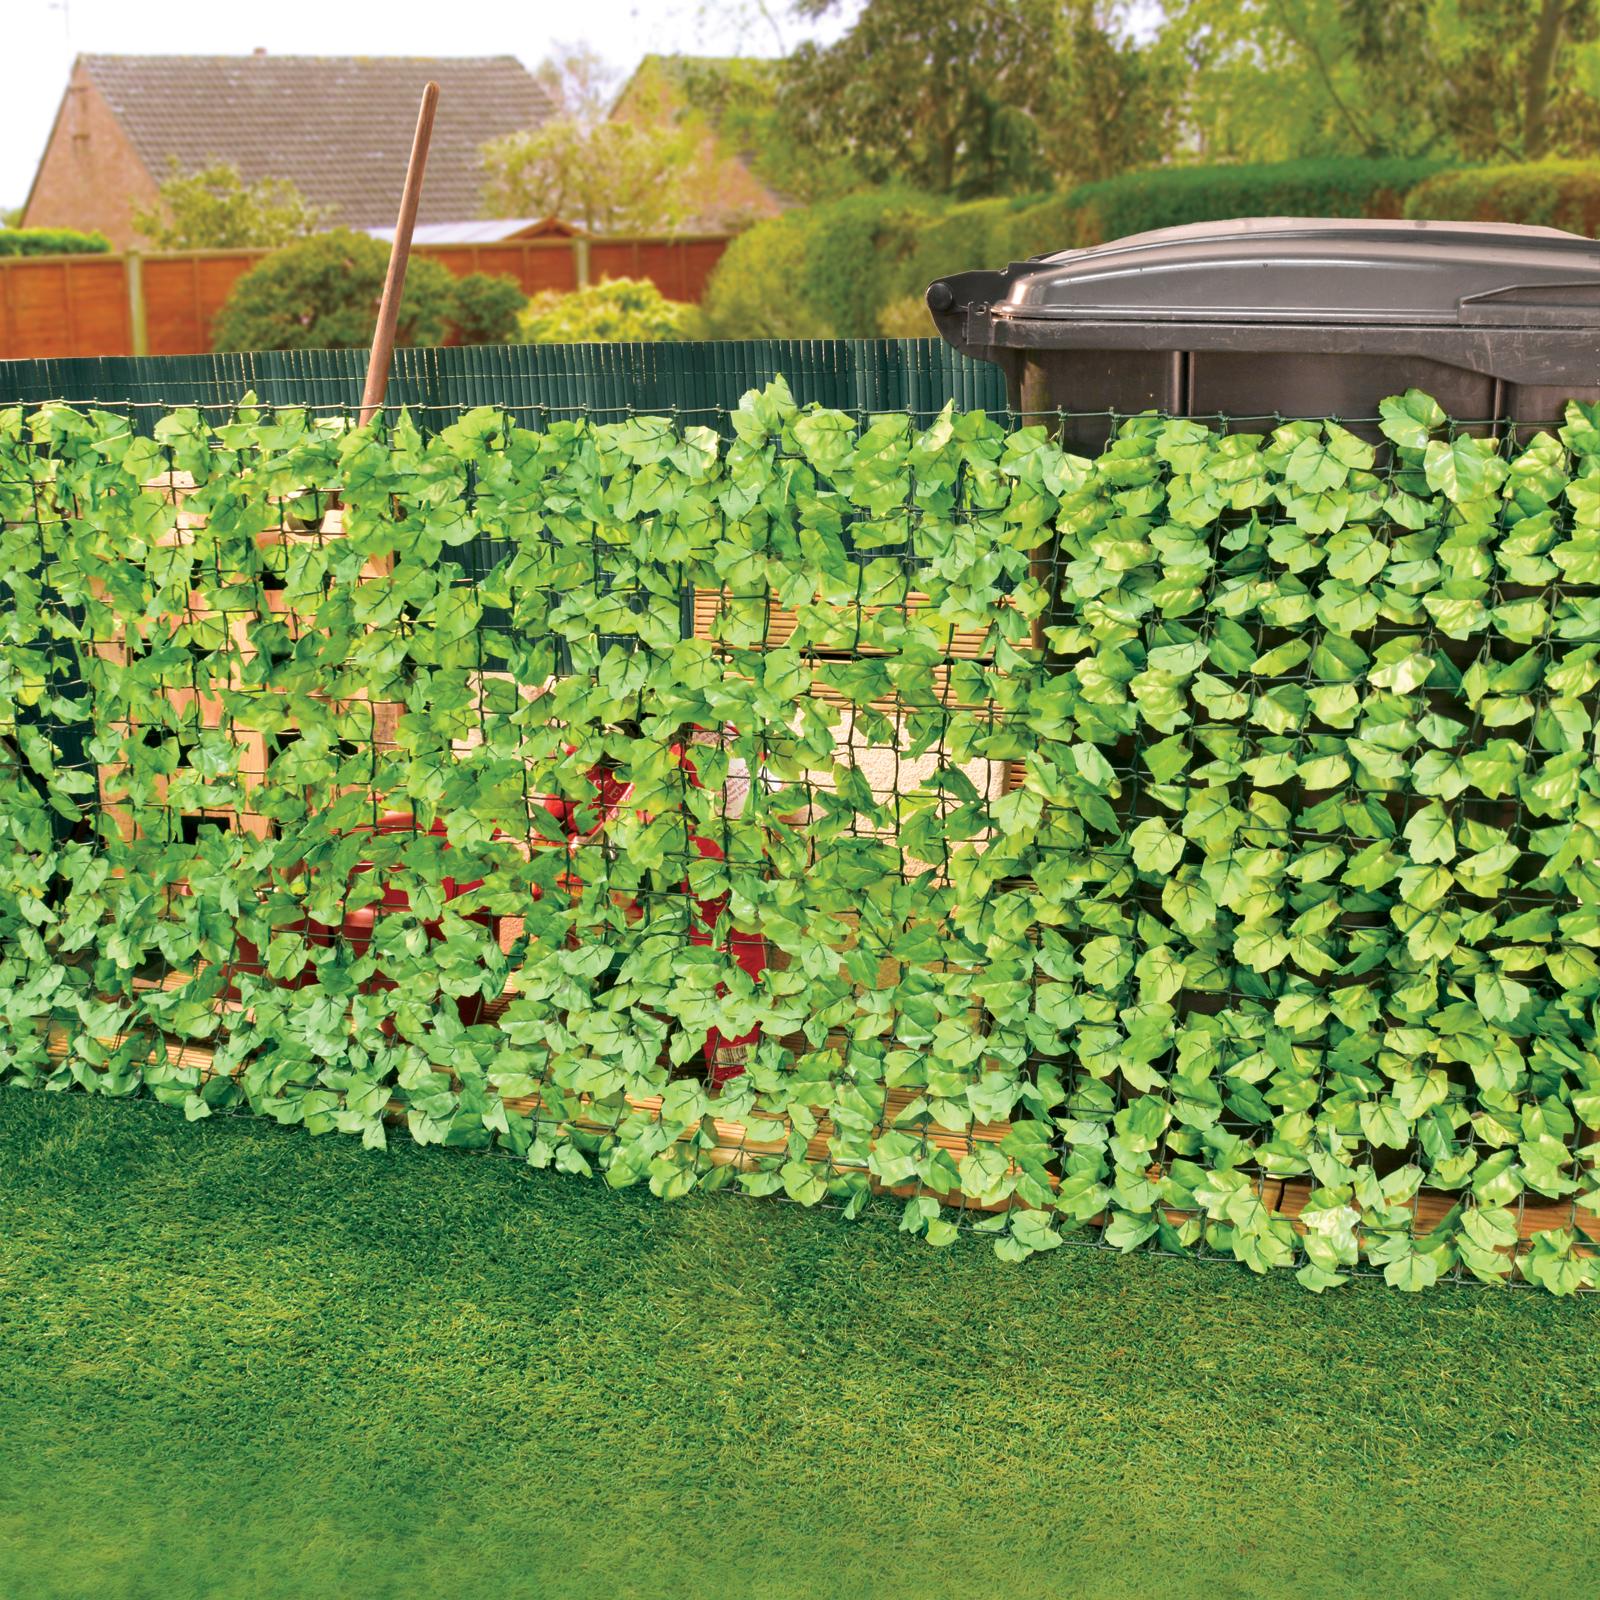 ... 3 Metre Leaf Fence Barrier Garden Divider Decoration Screening Leaves  3m X 1m ...